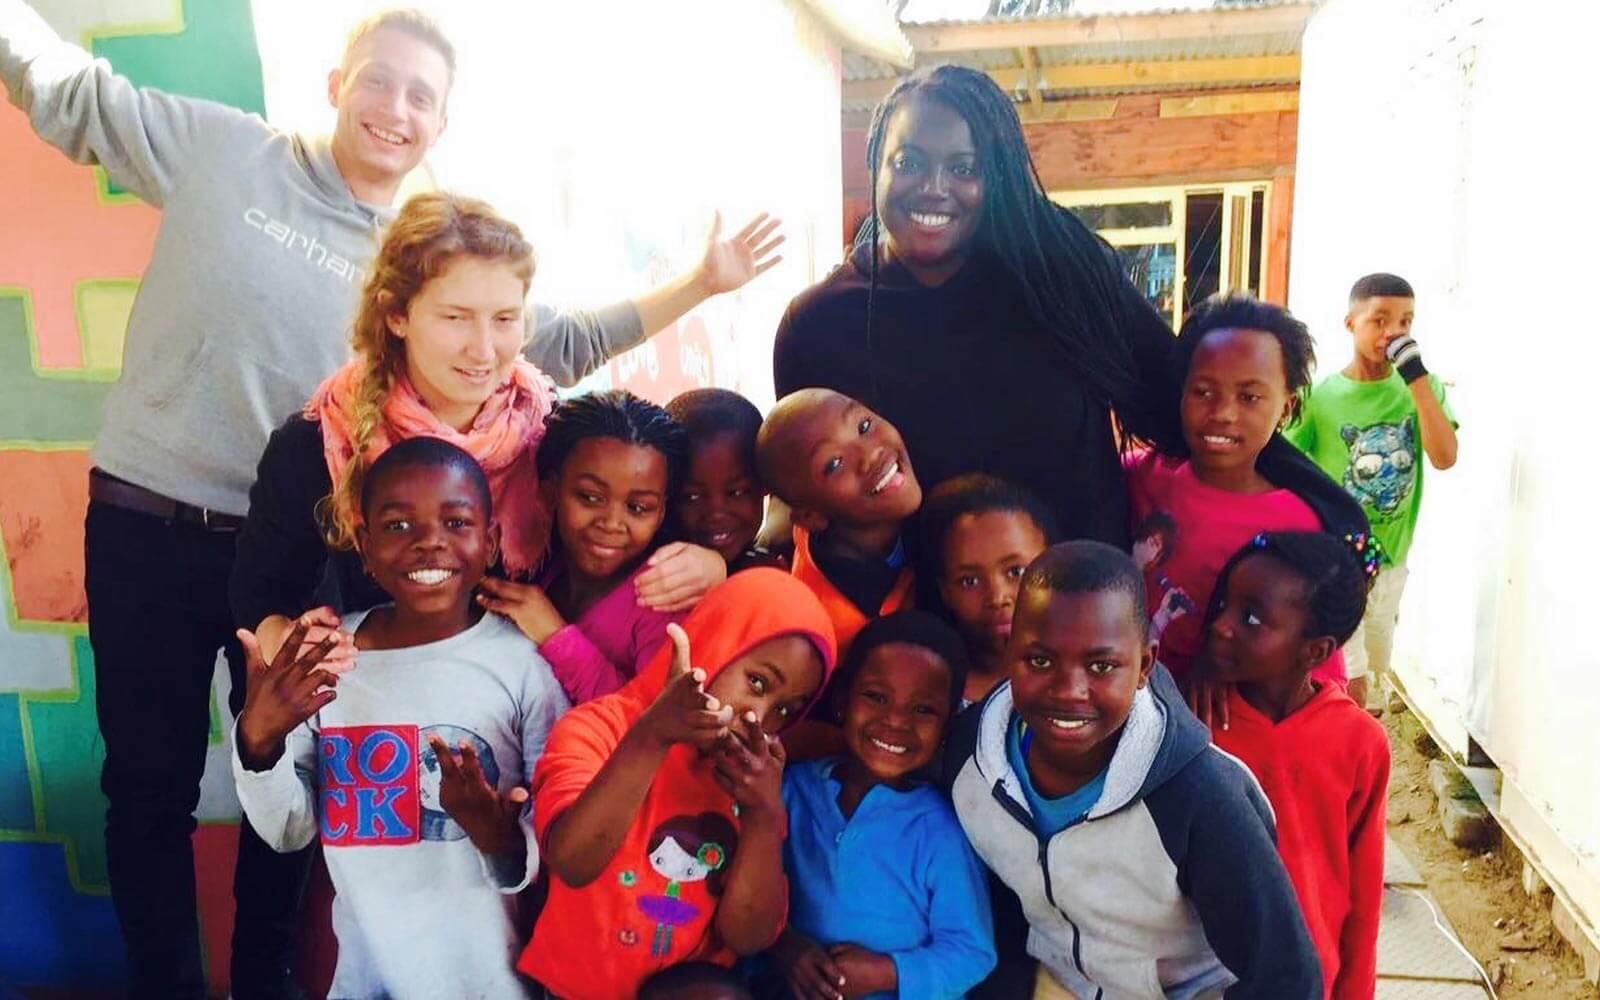 Robin mit den südafrikanischen Waisenkindern